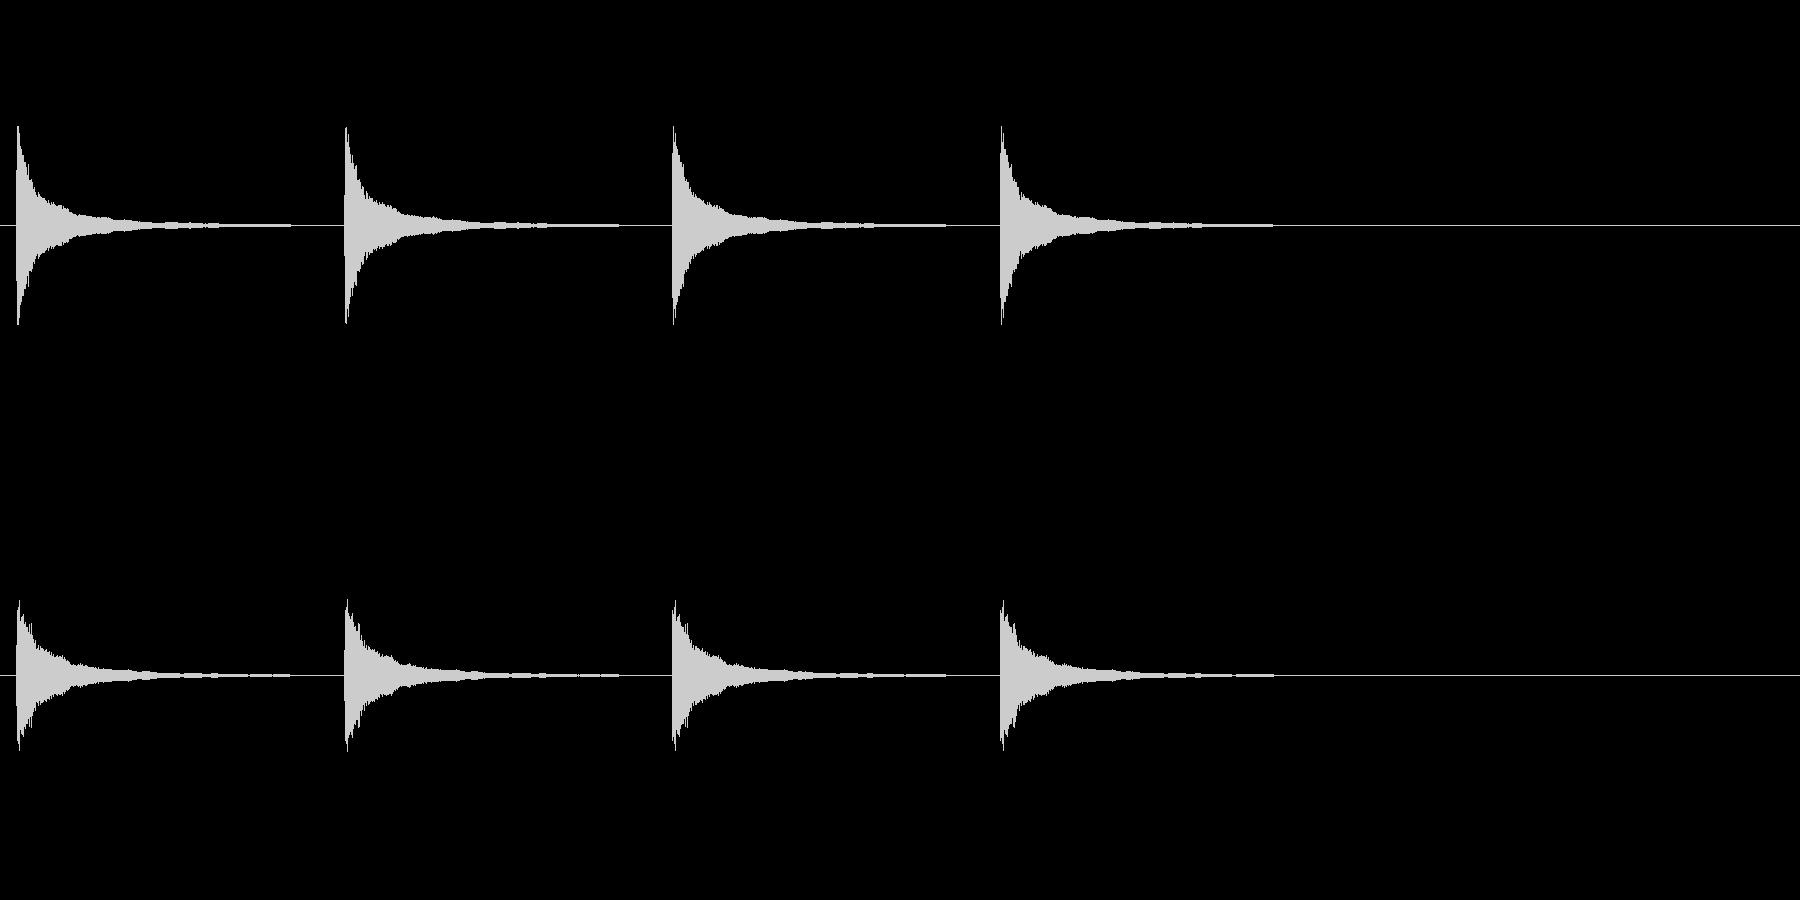 クロック料金の未再生の波形